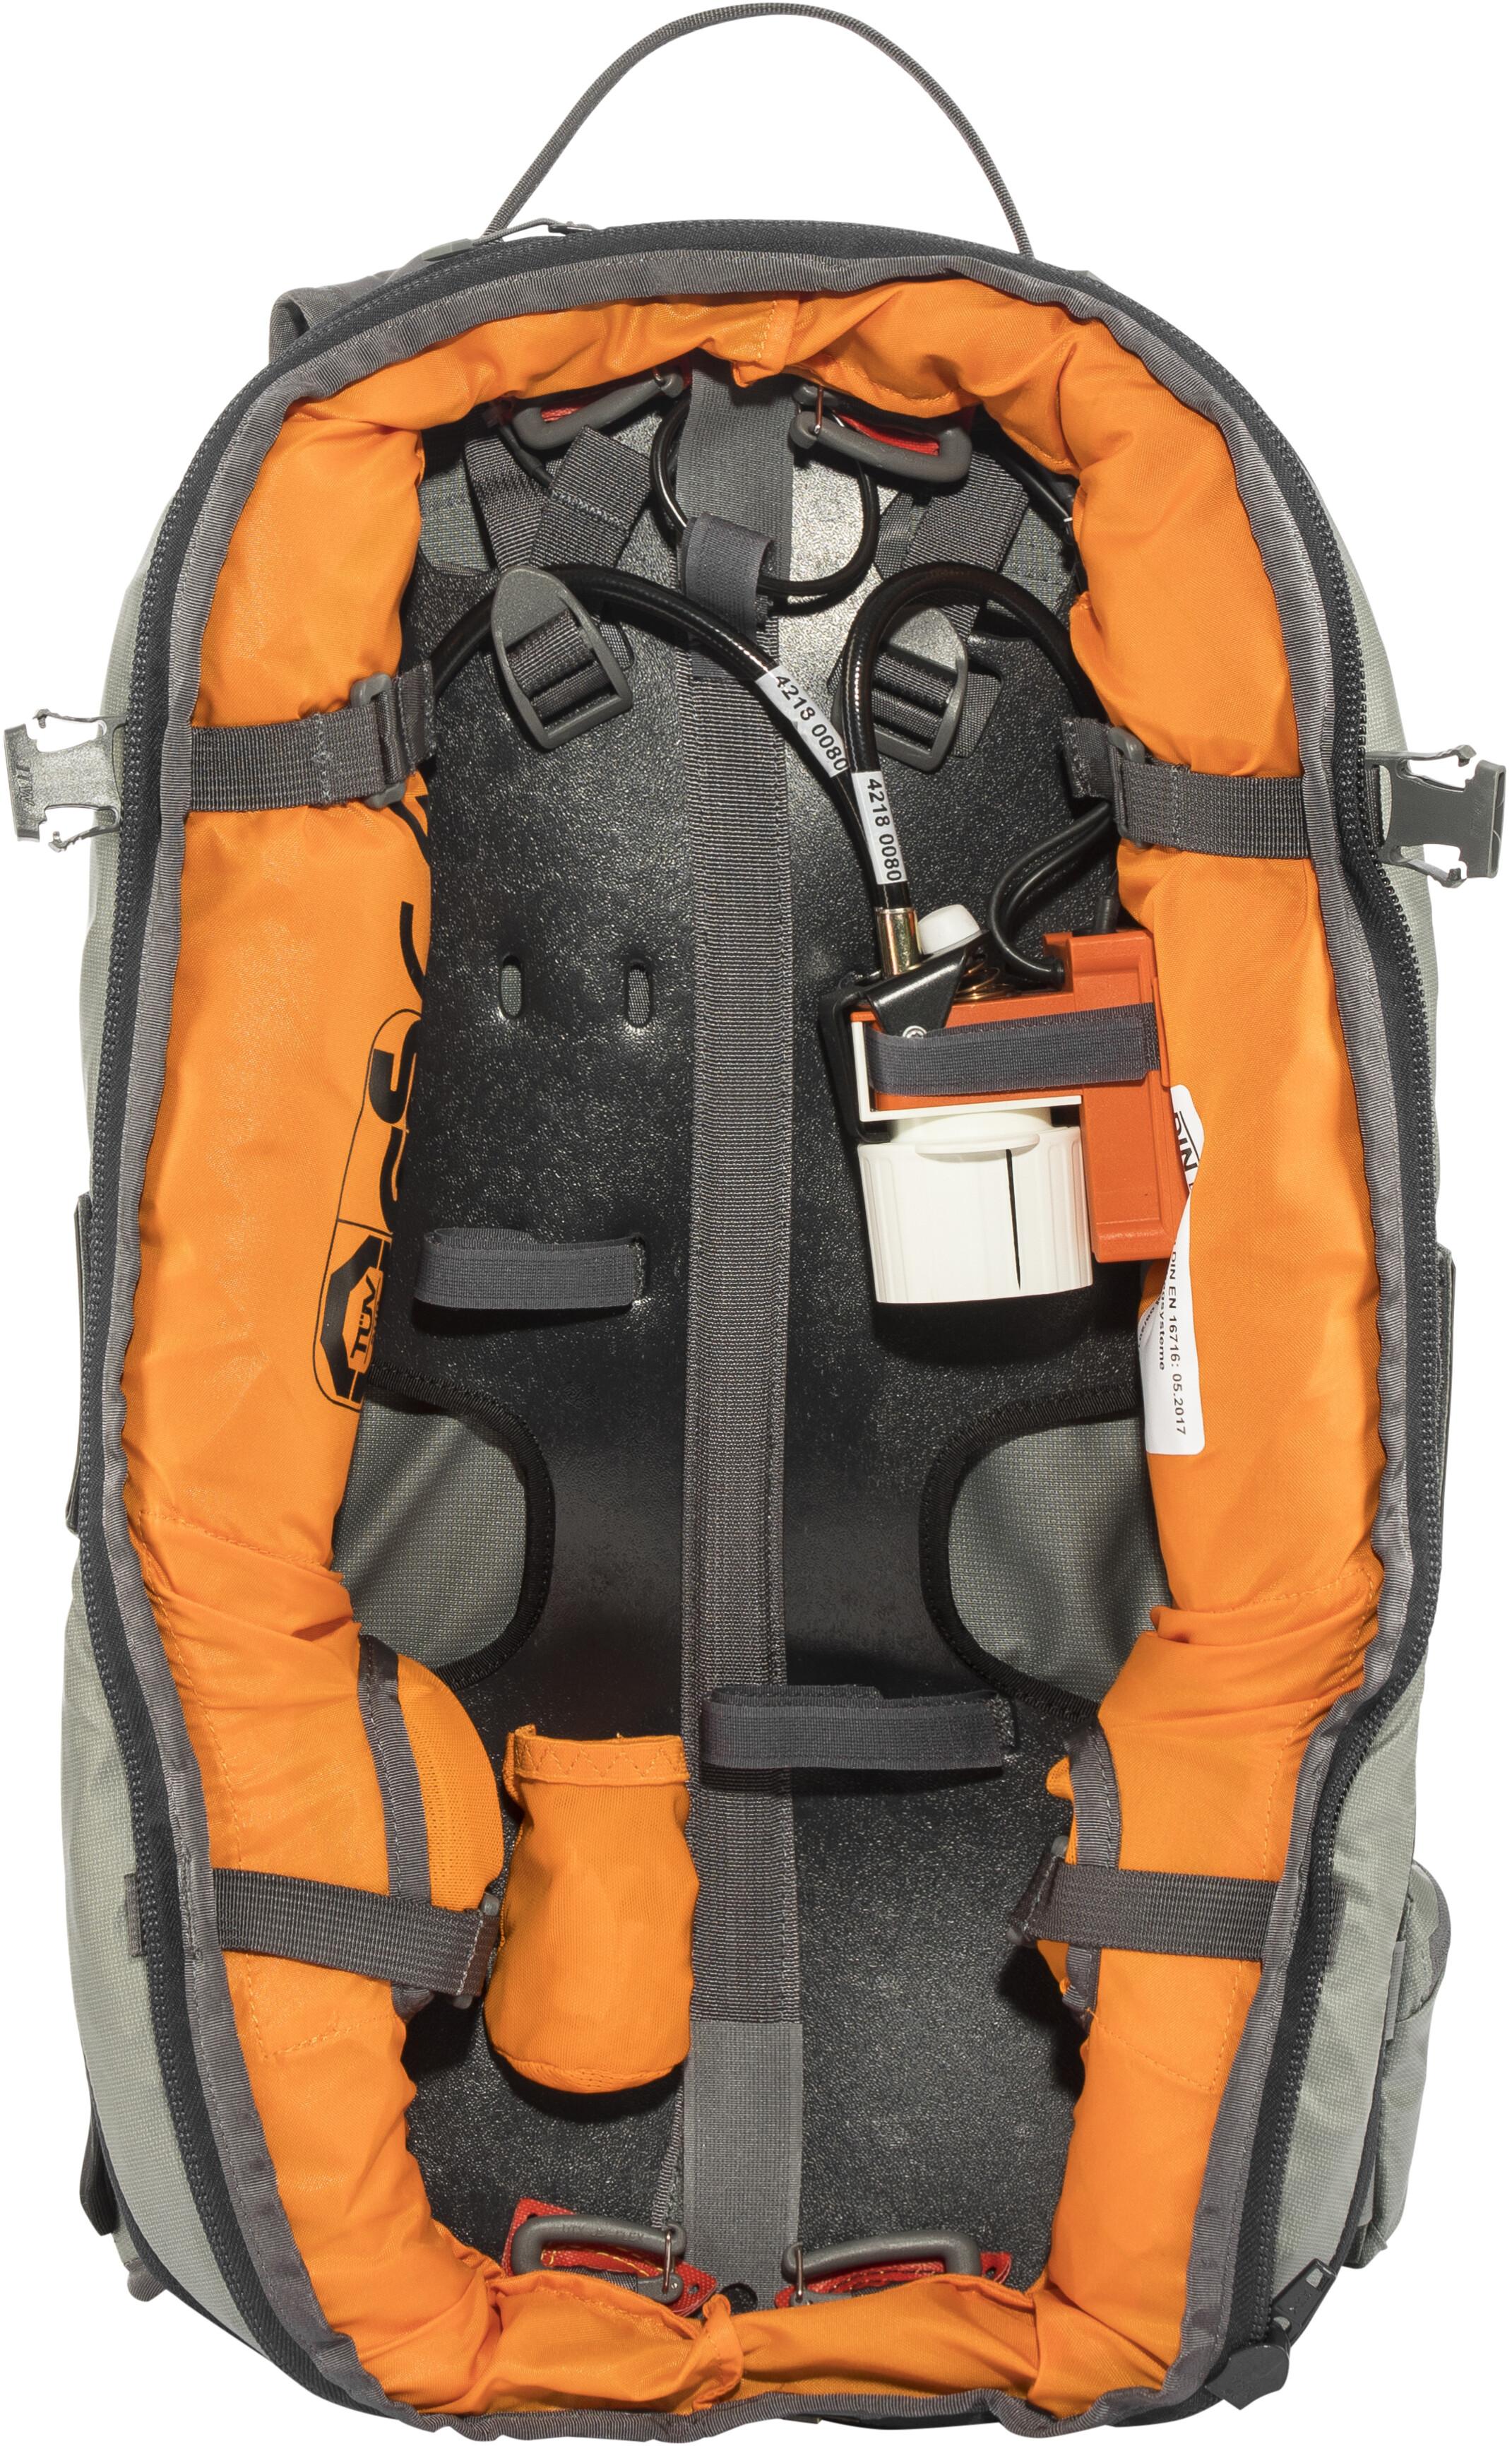 269d8e5e86 ABS P.RIDE Compact Zaino airbag senza pompa nero su Addnature